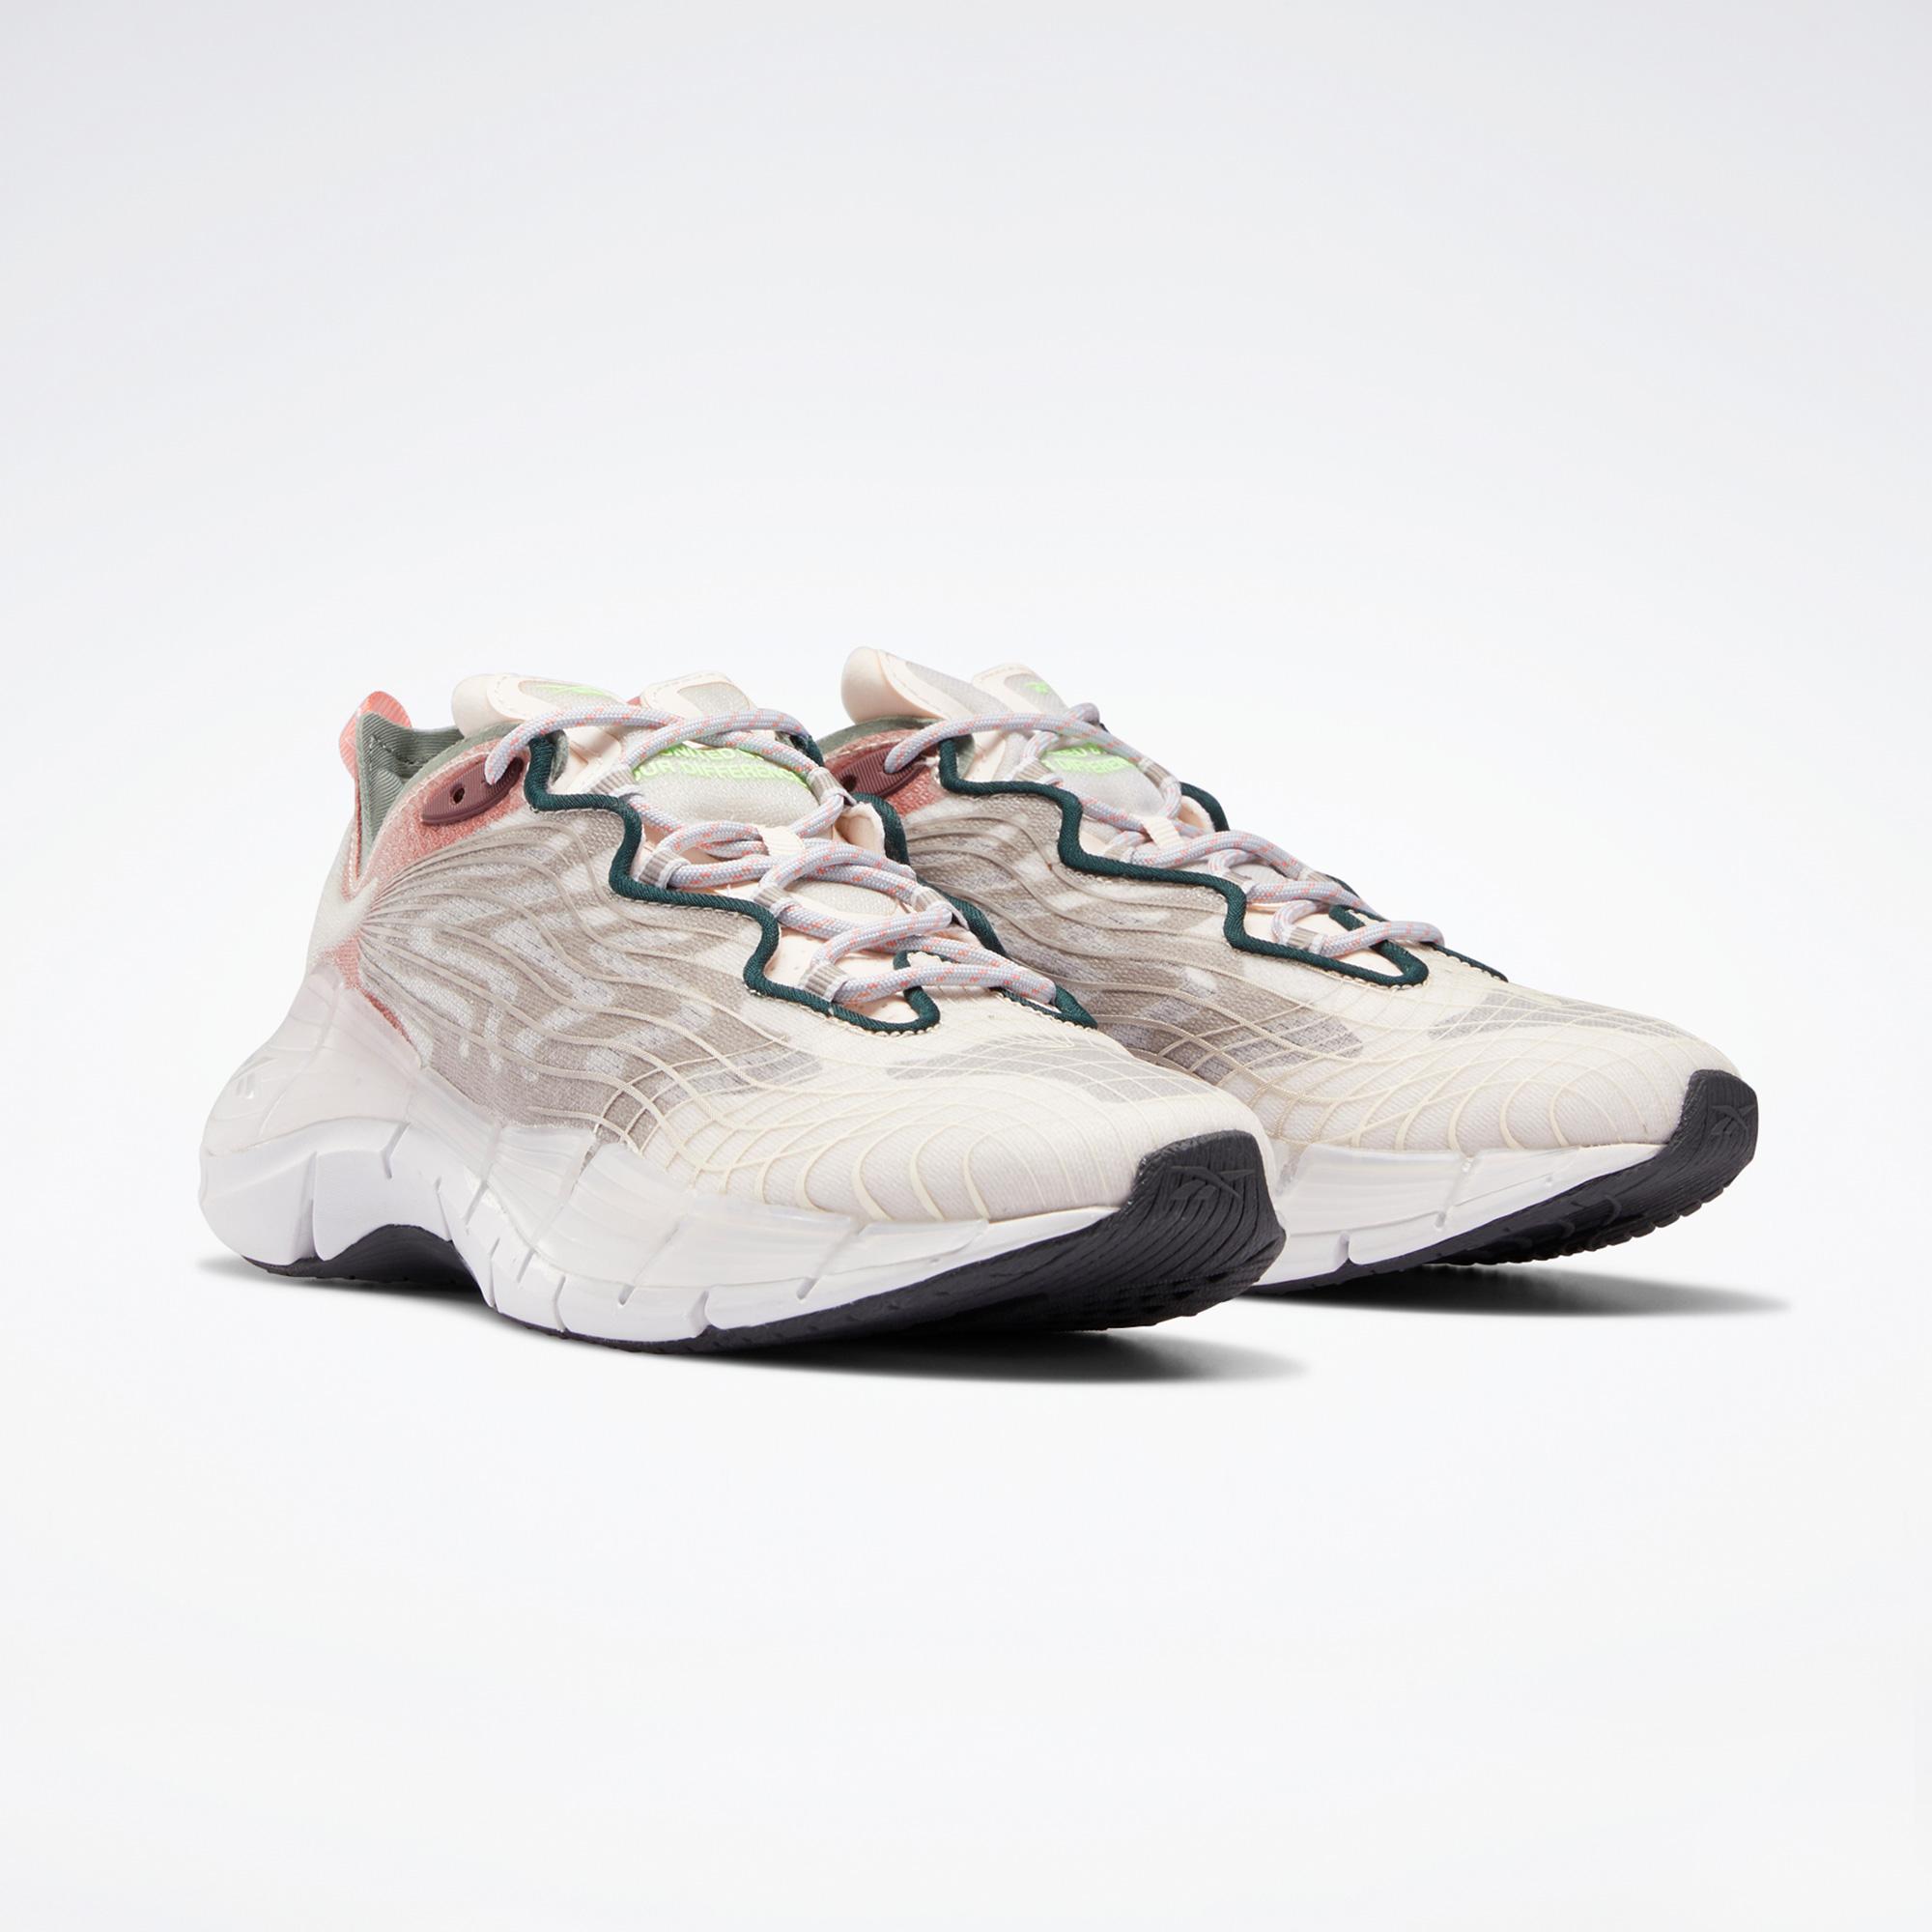 Reebok Zig Kinetica II Kadın Pembe Spor Ayakkabı